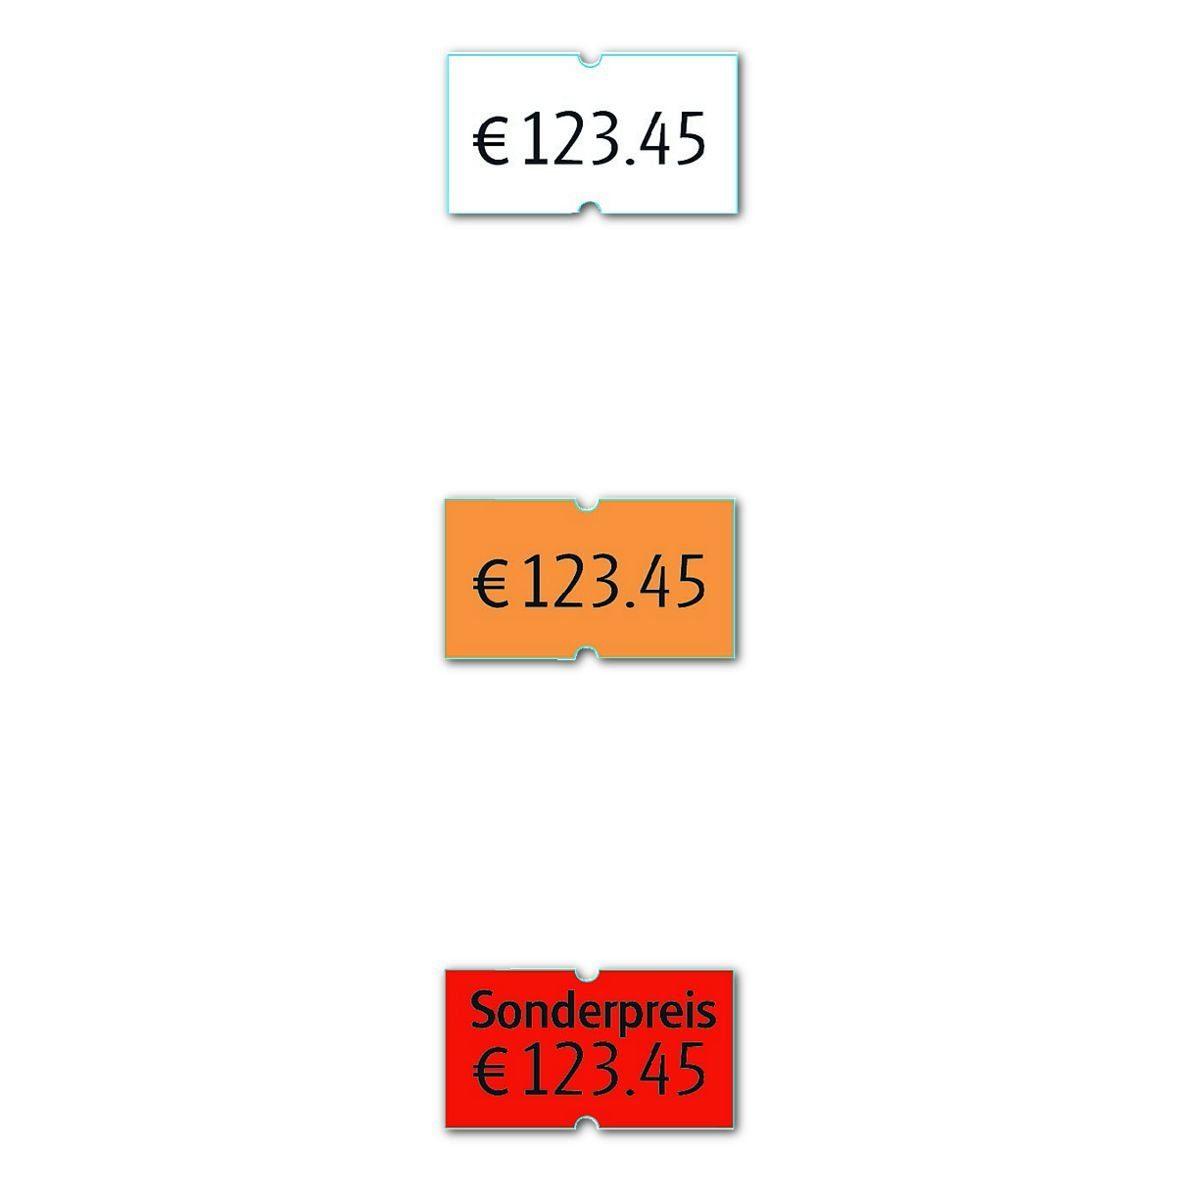 Etiketten-Set »Sonderpreis« für Preis-/Warenau...